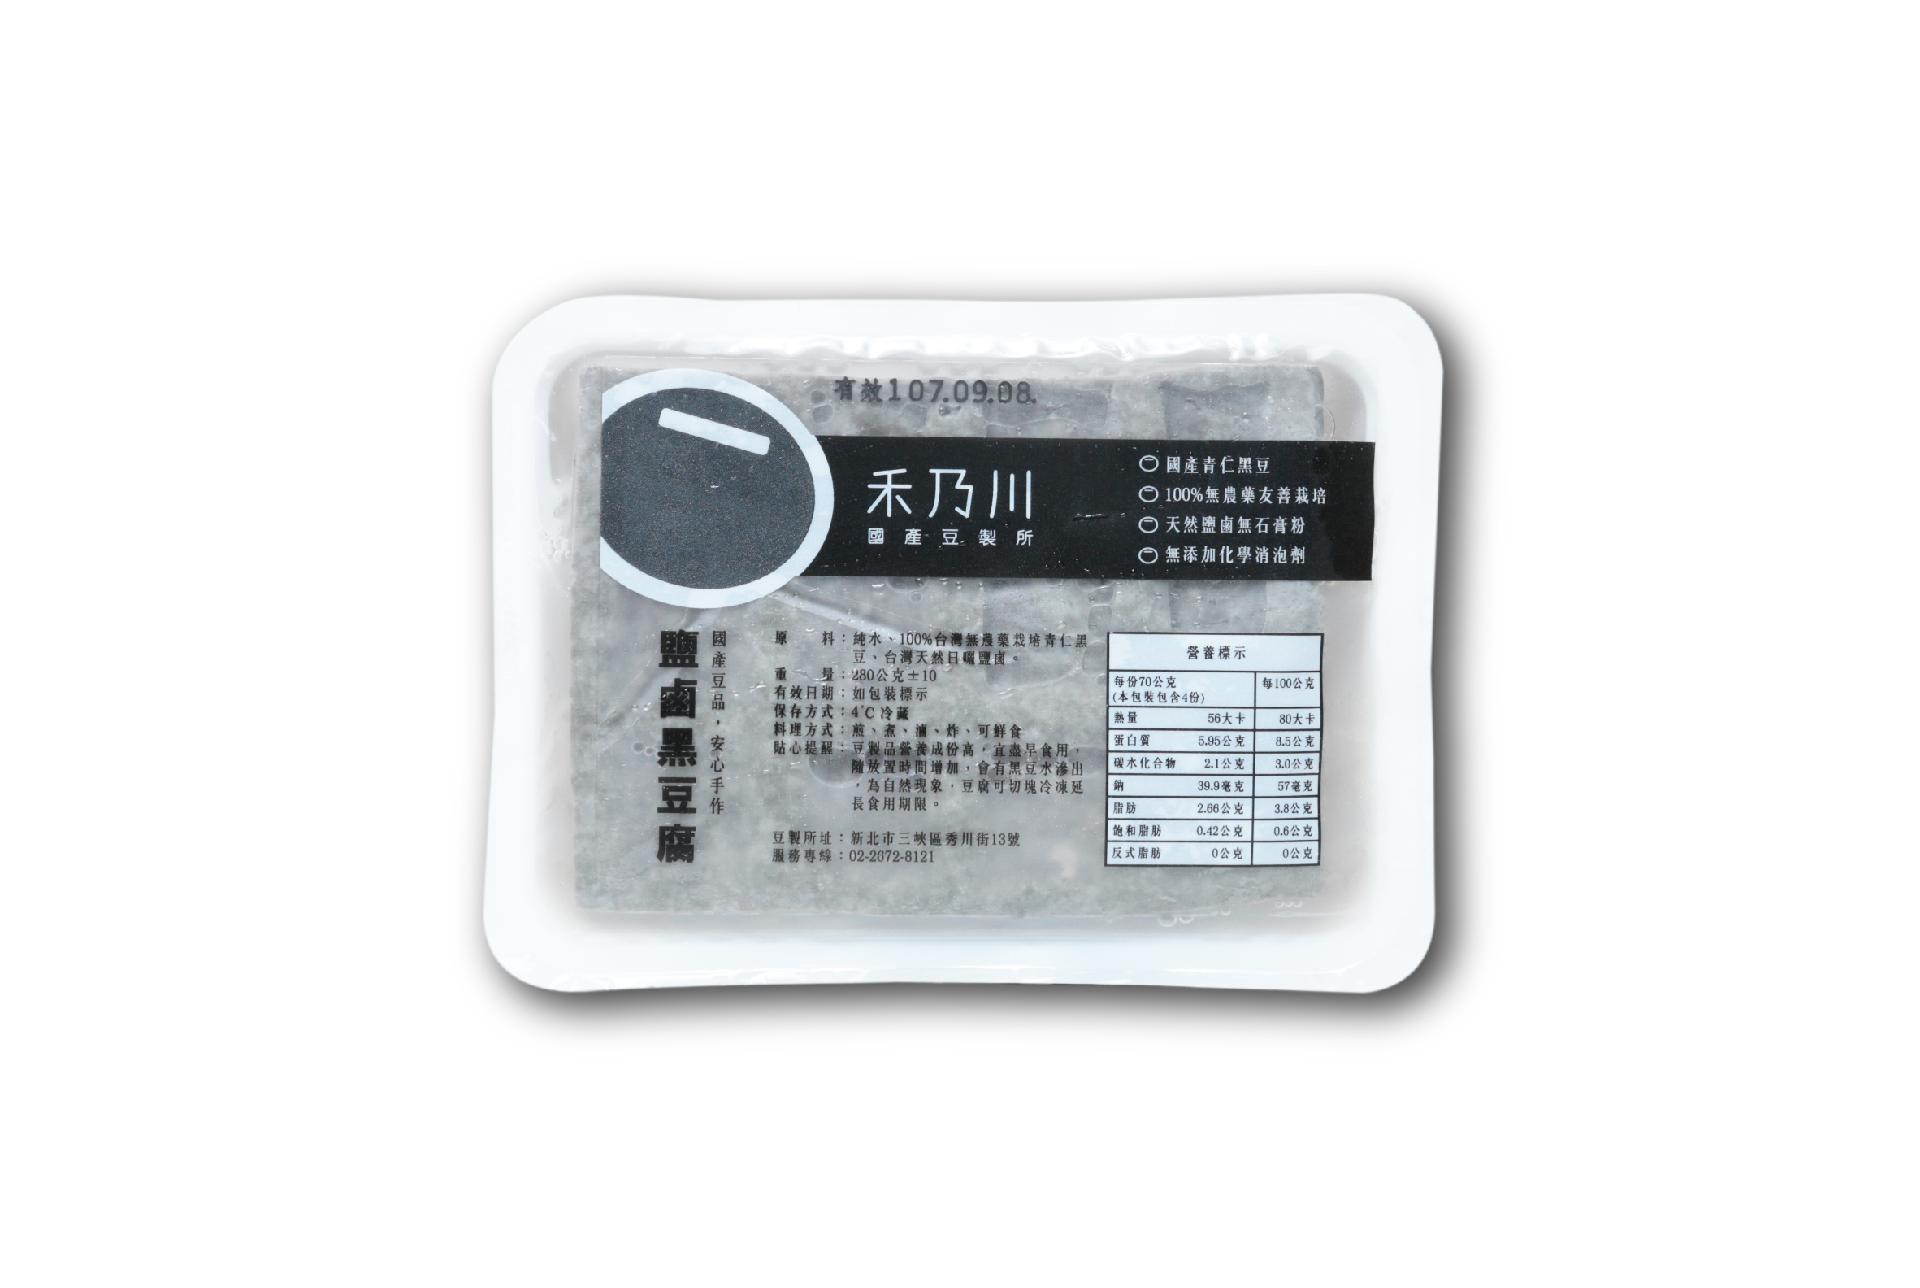 鹽鹵黑豆腐 - 國產黑豆漿製作 | 禾乃川國產豆製所 | 改變生命的豆漿店